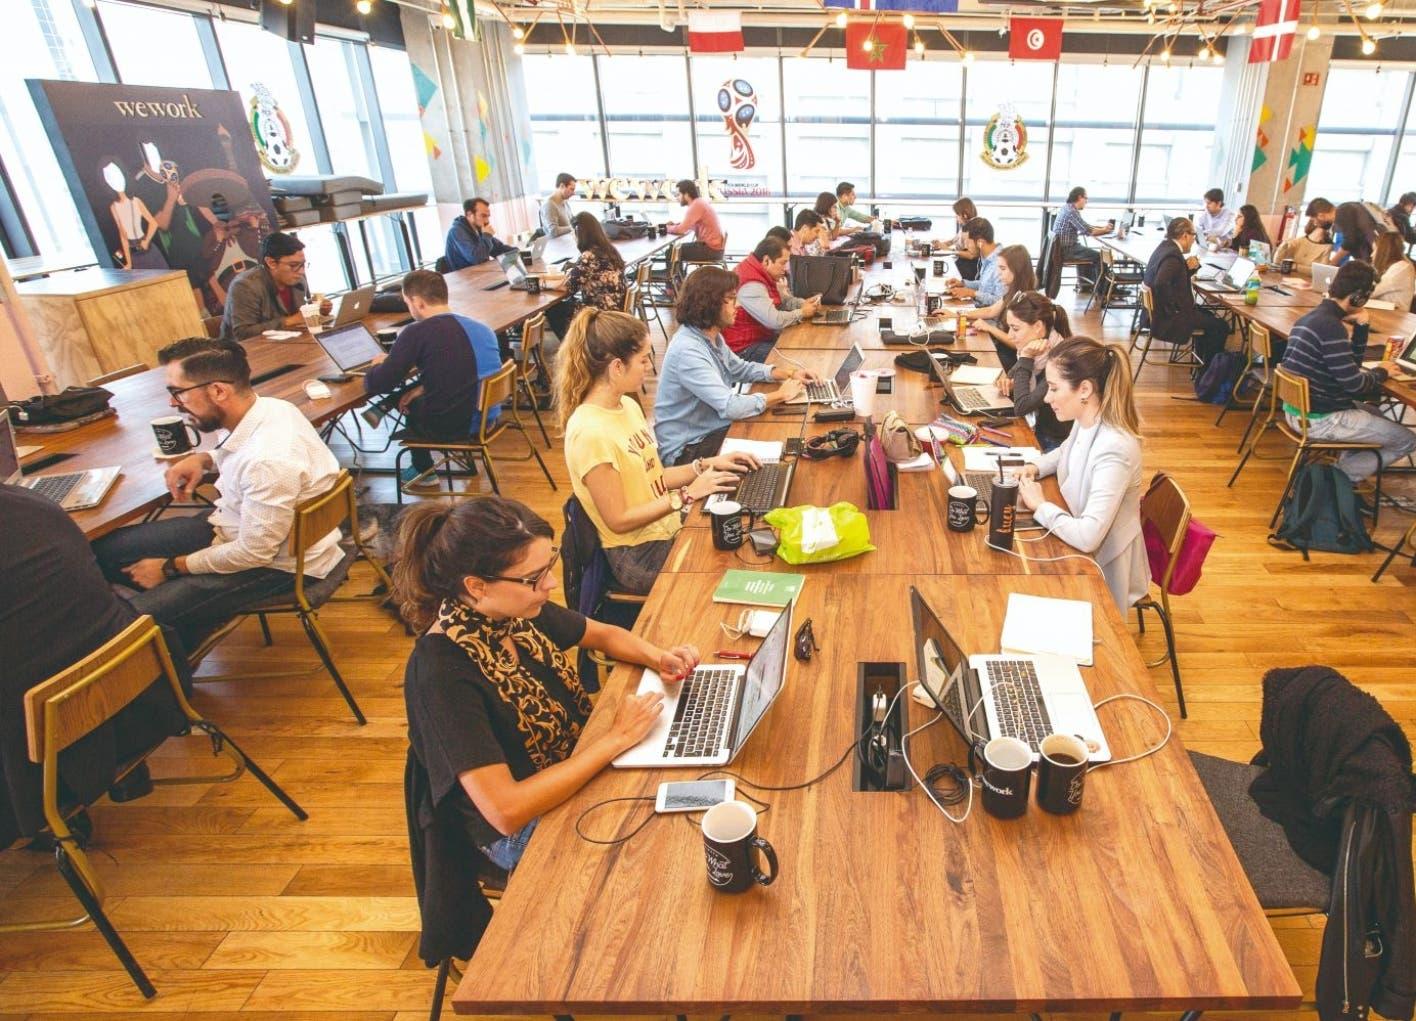 En México crece el  coworking  y Wework quiere su parte